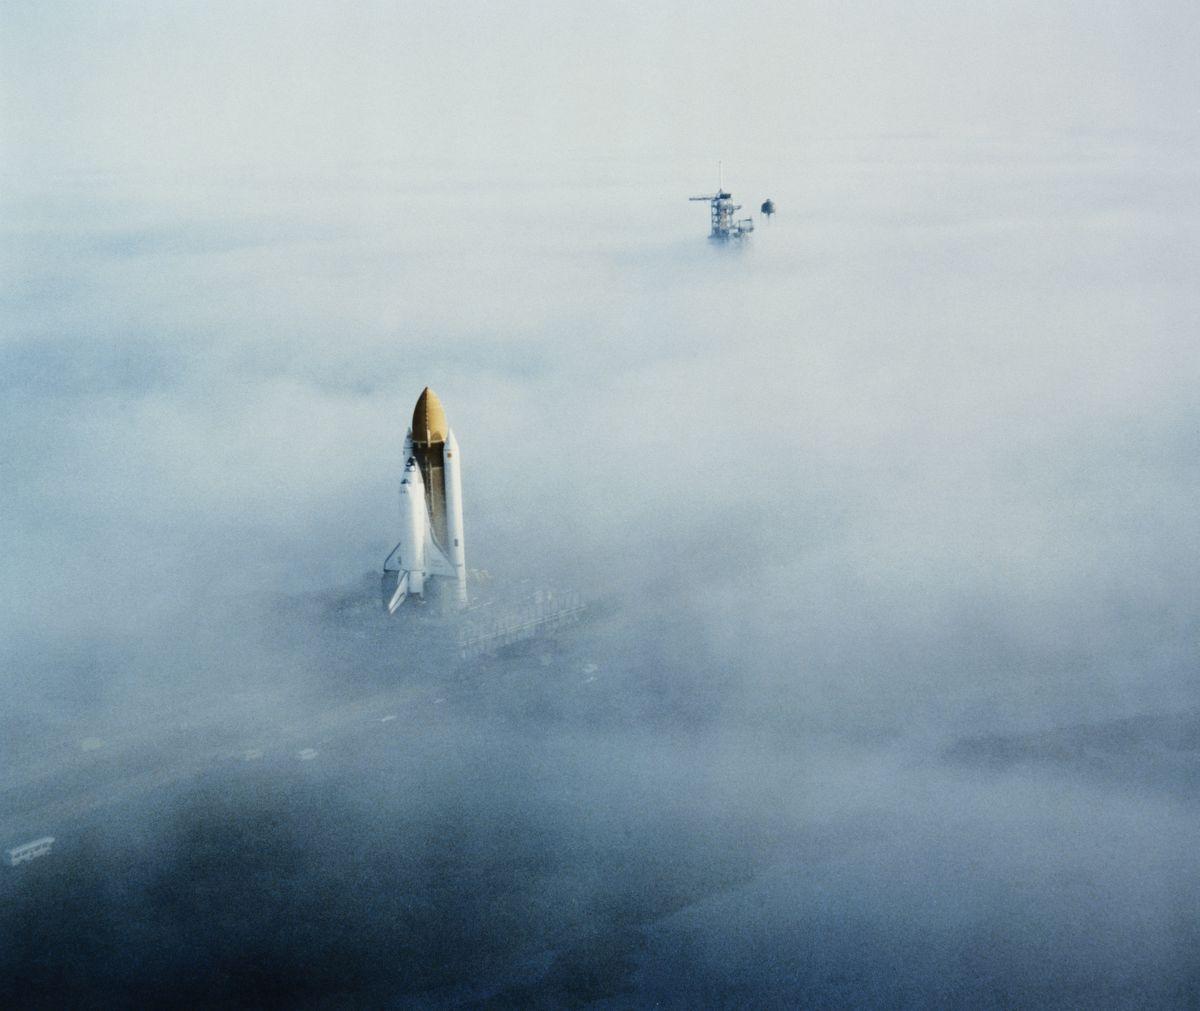 A Challenger űrsiklót tolják a kilövő állás felé a Kennedy ŰrközpontbanFotó: Space Frontiers/Getty Images